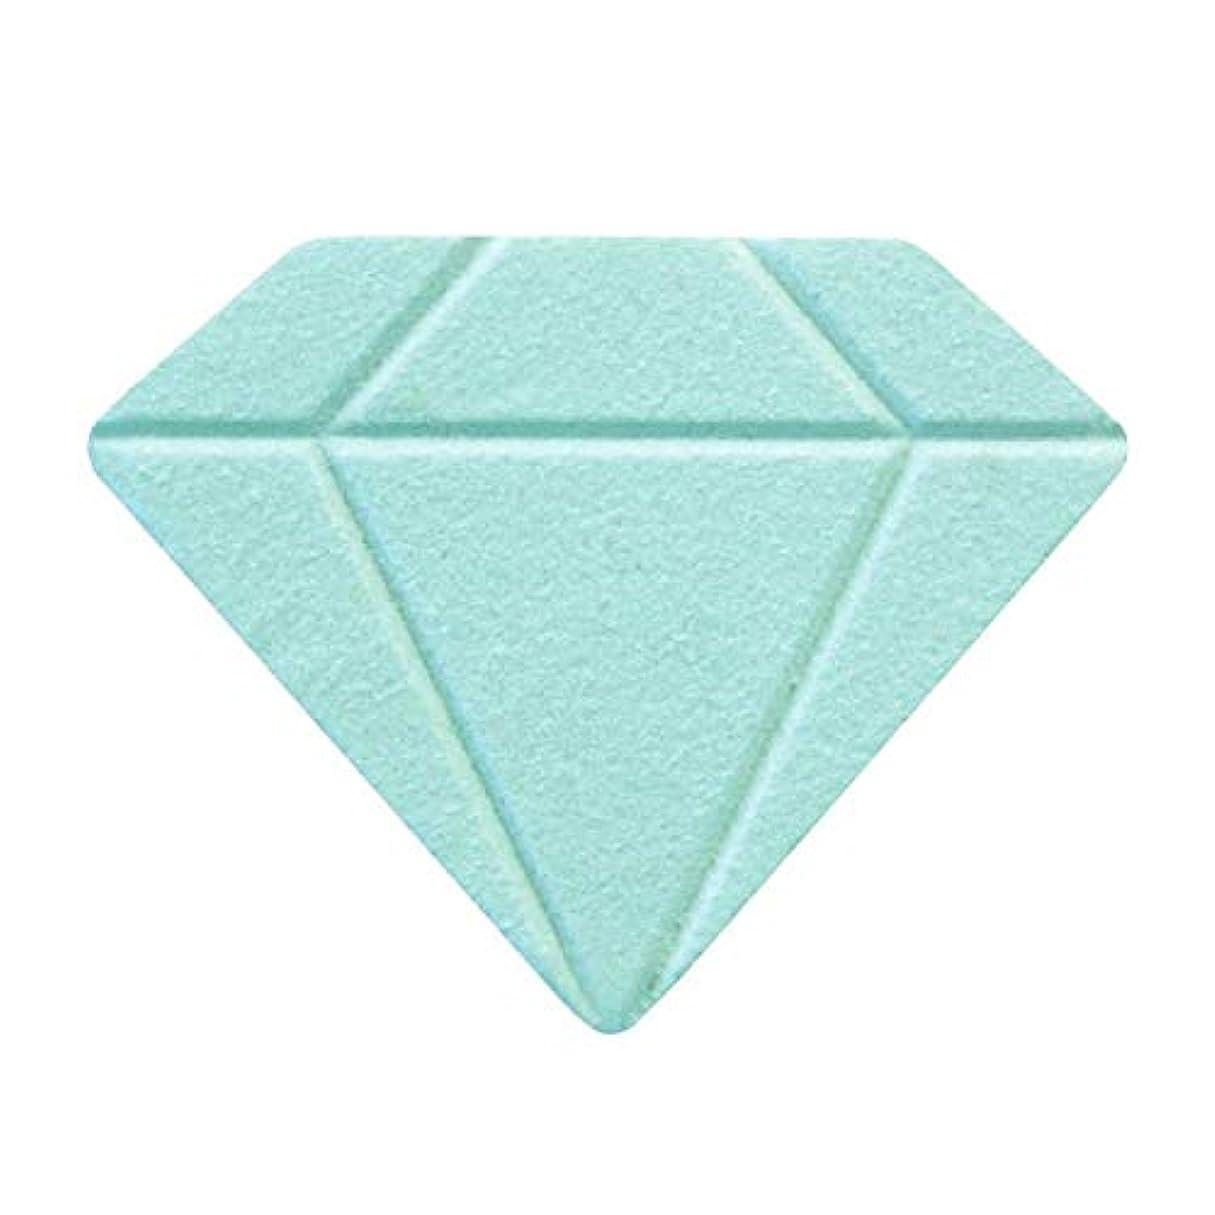 成り立つ世界的に何故なの【ダイヤモンド】バスフィズ(ジャスミンハニー) 287964